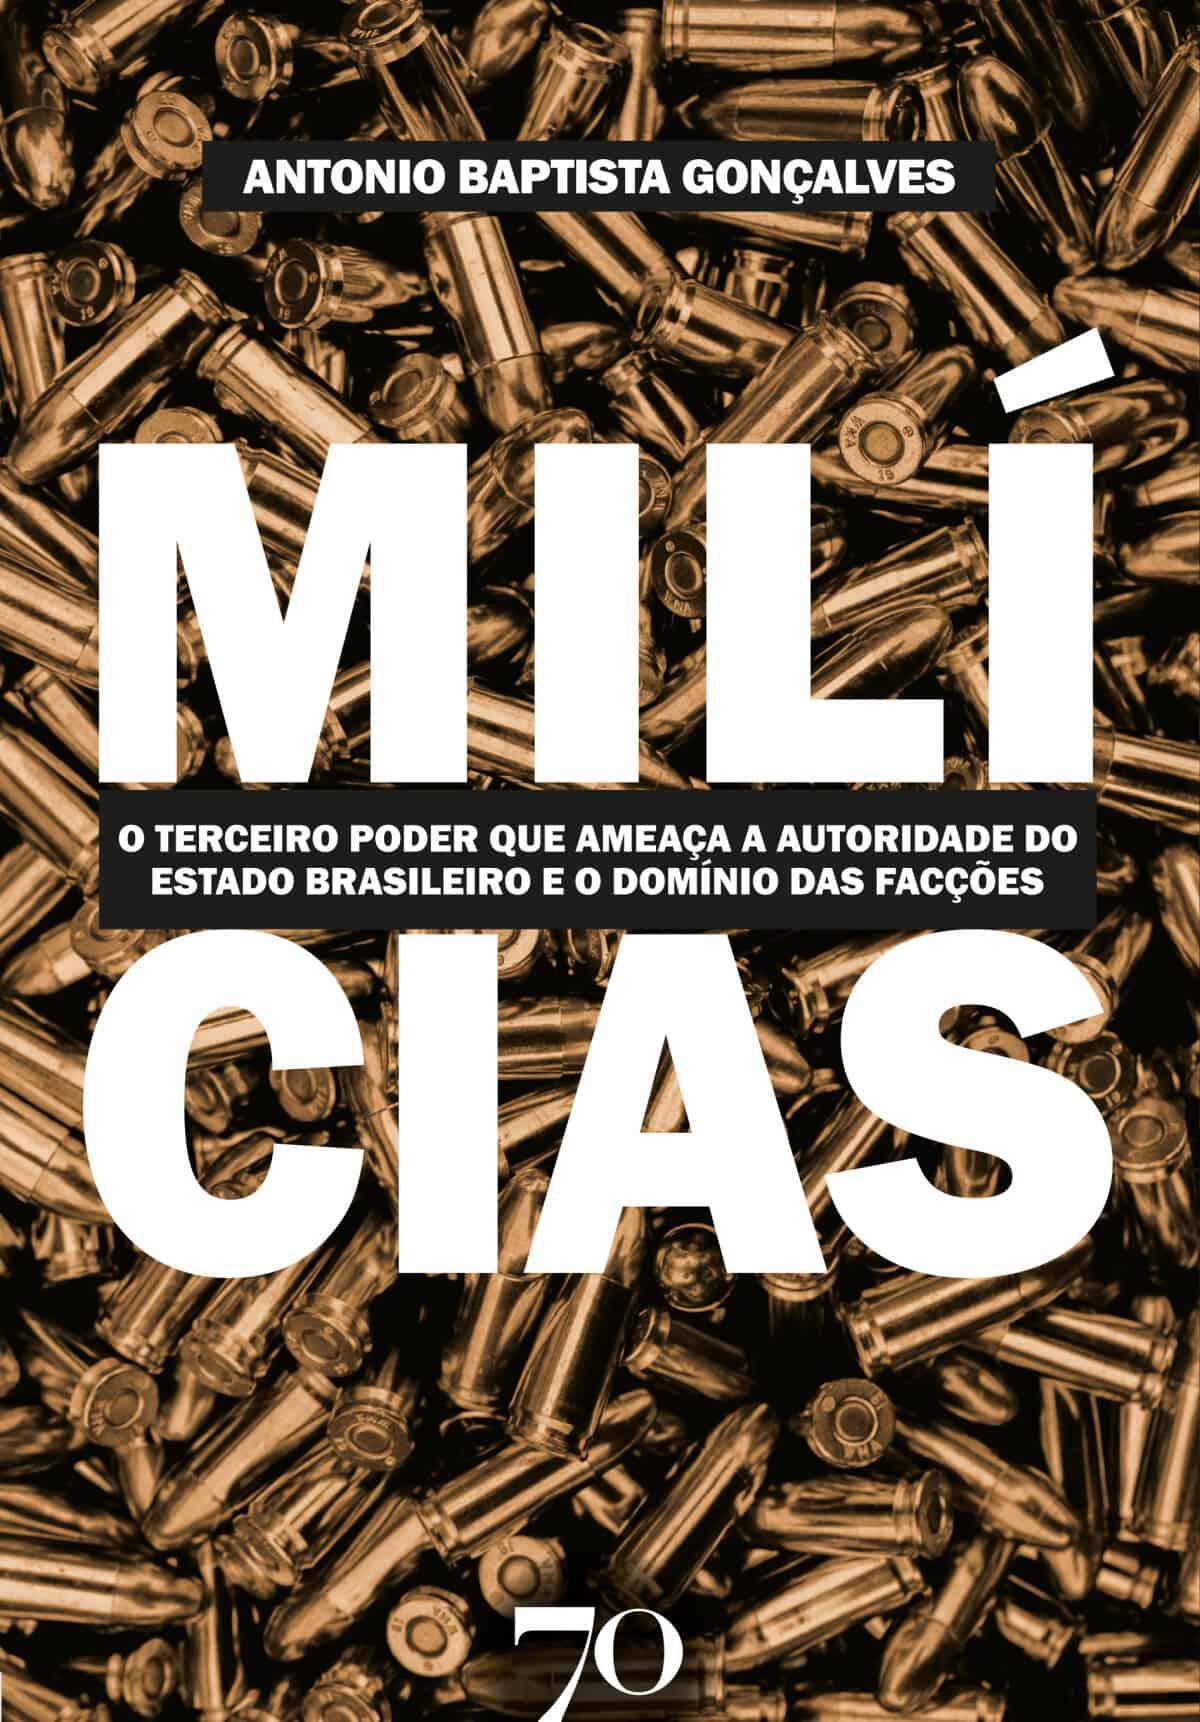 Foto 1 - Milícias - O Terceiro Poder que ameaça a autoridade do Estado brasileiro e o domínio das facções